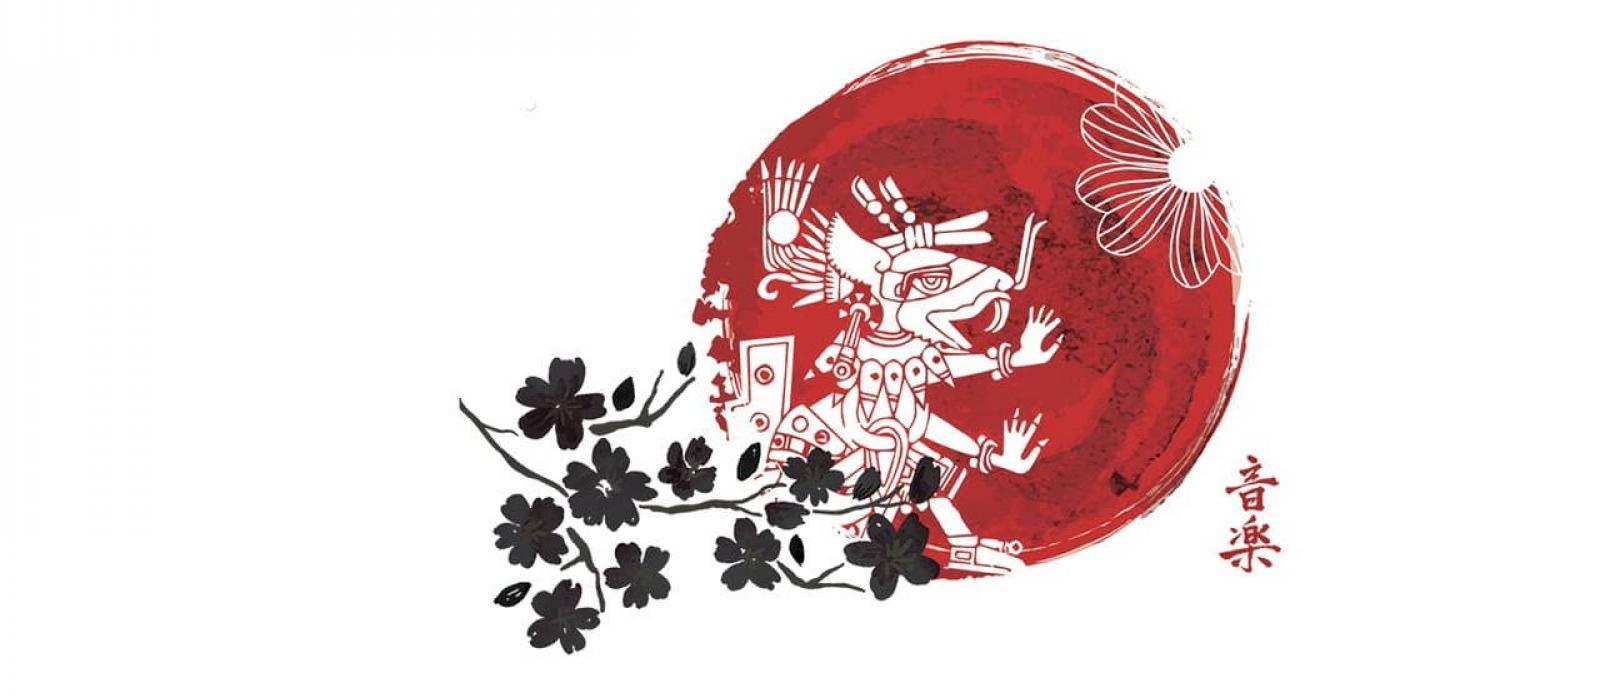 Ilustración sobre el concierto